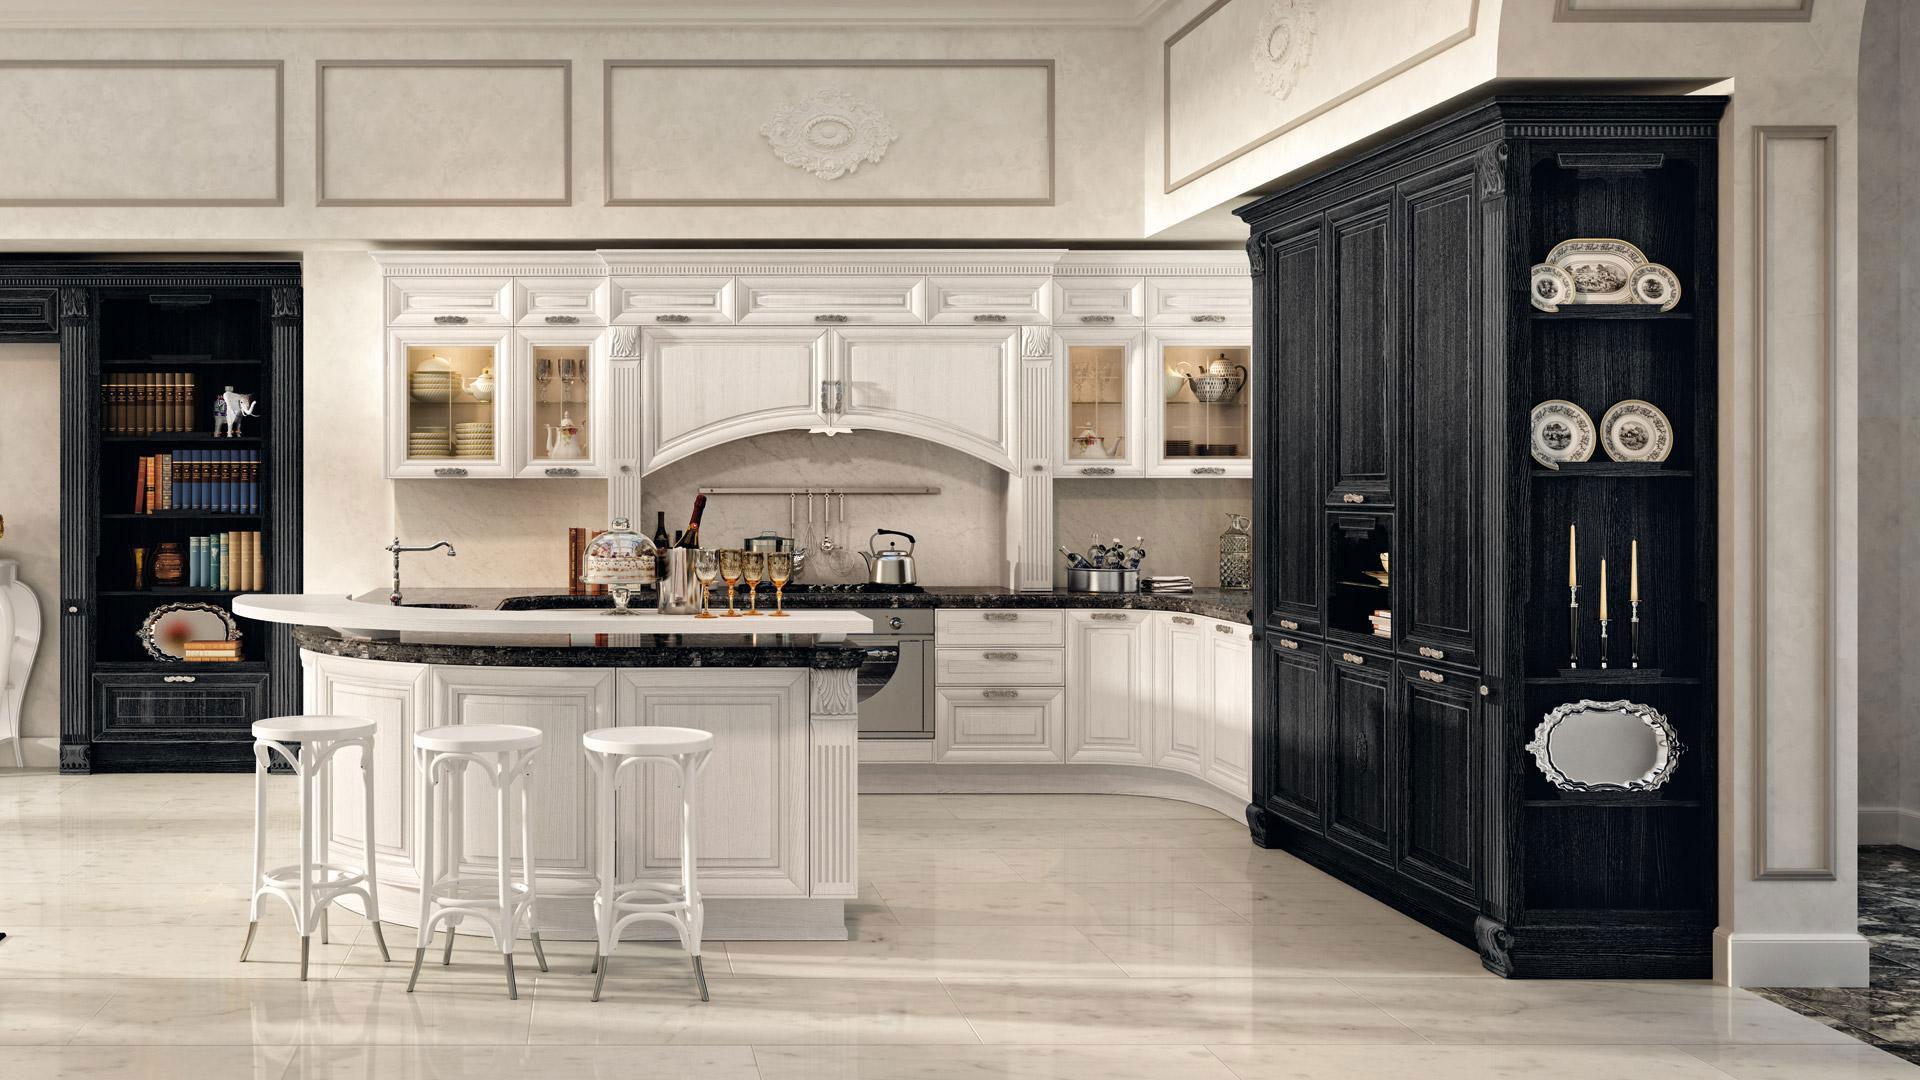 Cucine classiche lube modello pantheon 9 perego arredamenti - Cucine lube classiche prezzi ...